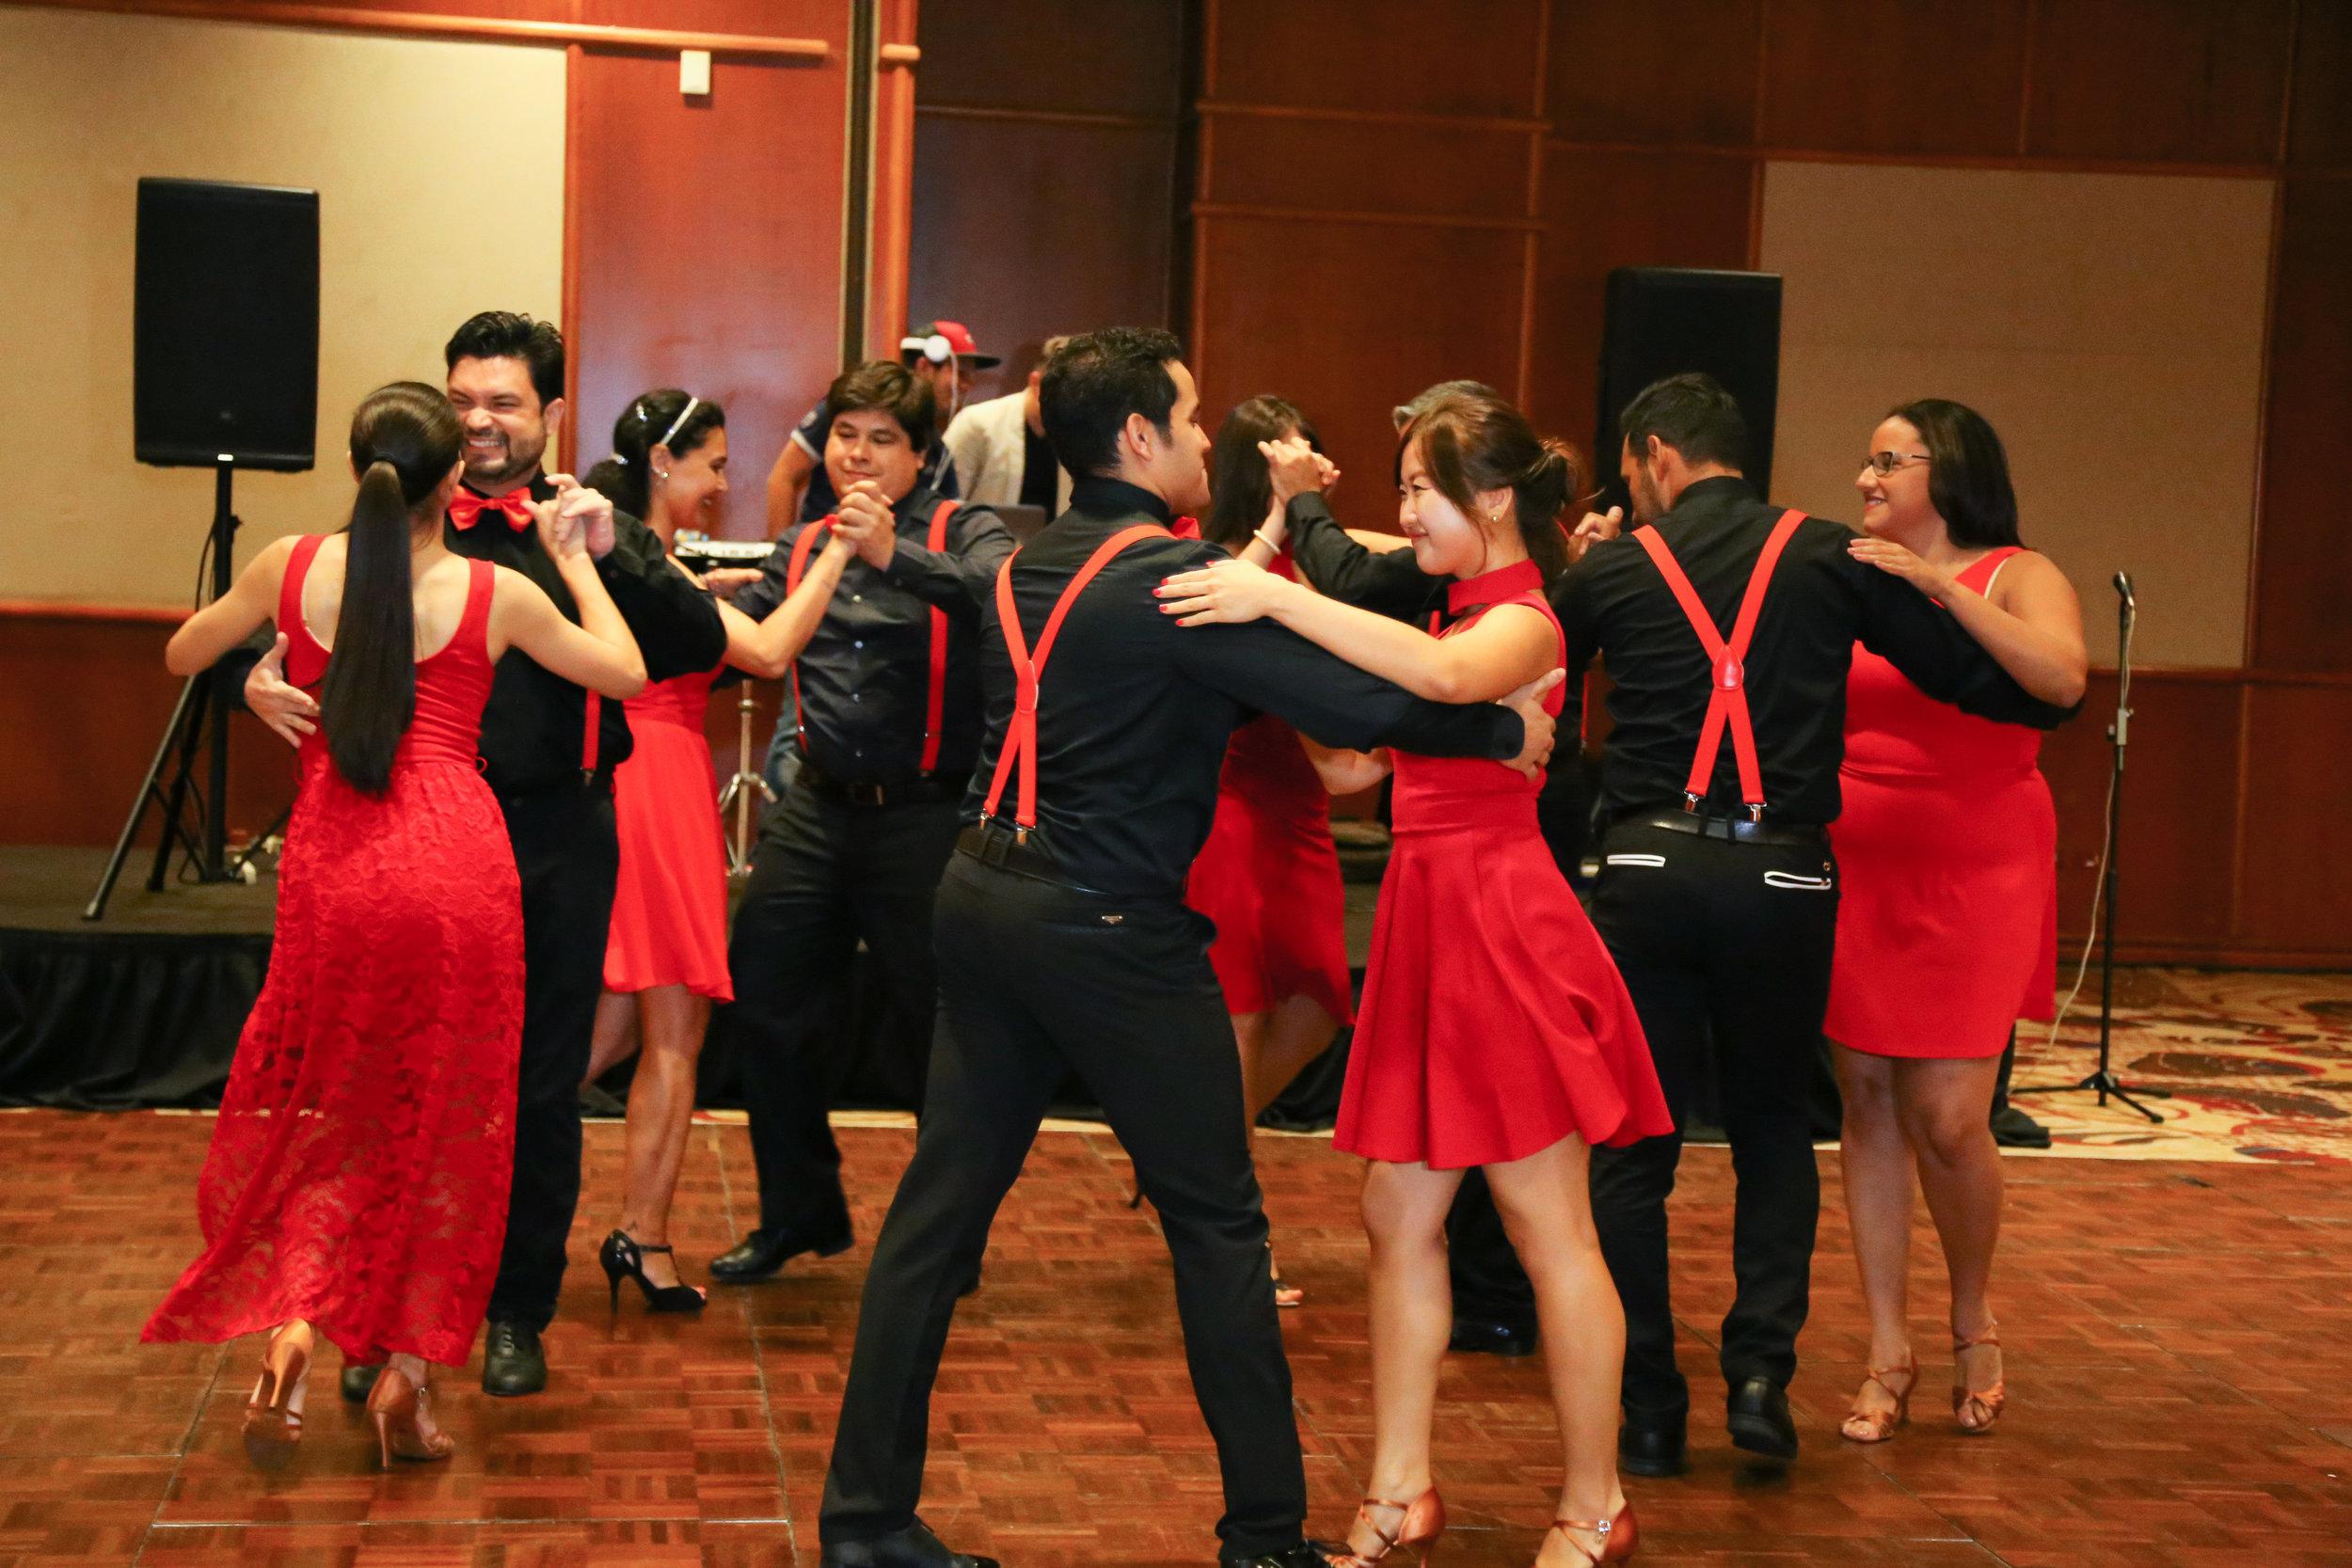 Cena Lets Dance-377.jpg